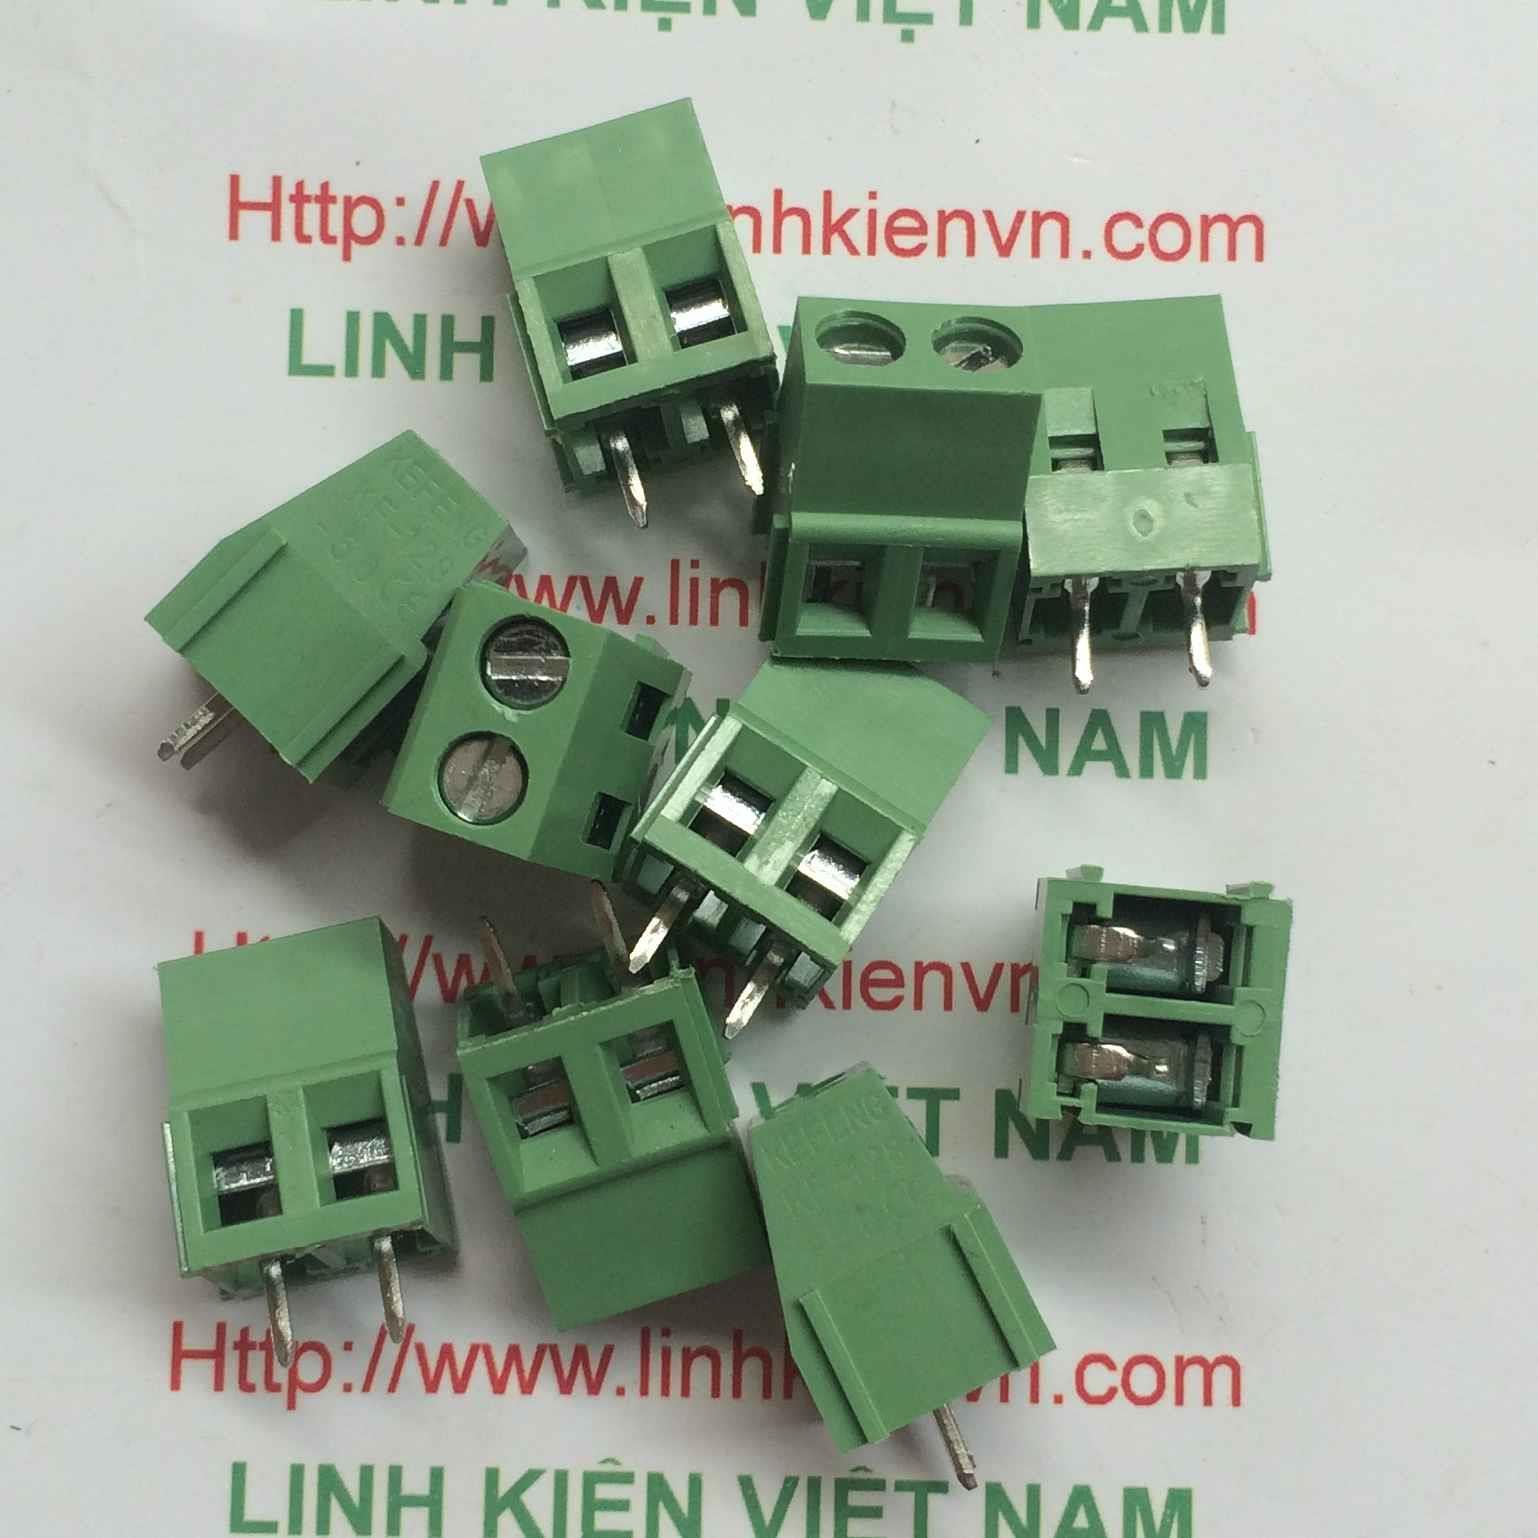 Cầu đấu 2 KF128-2P 5.08mm / Hed 2 KF128-2P - D7H3